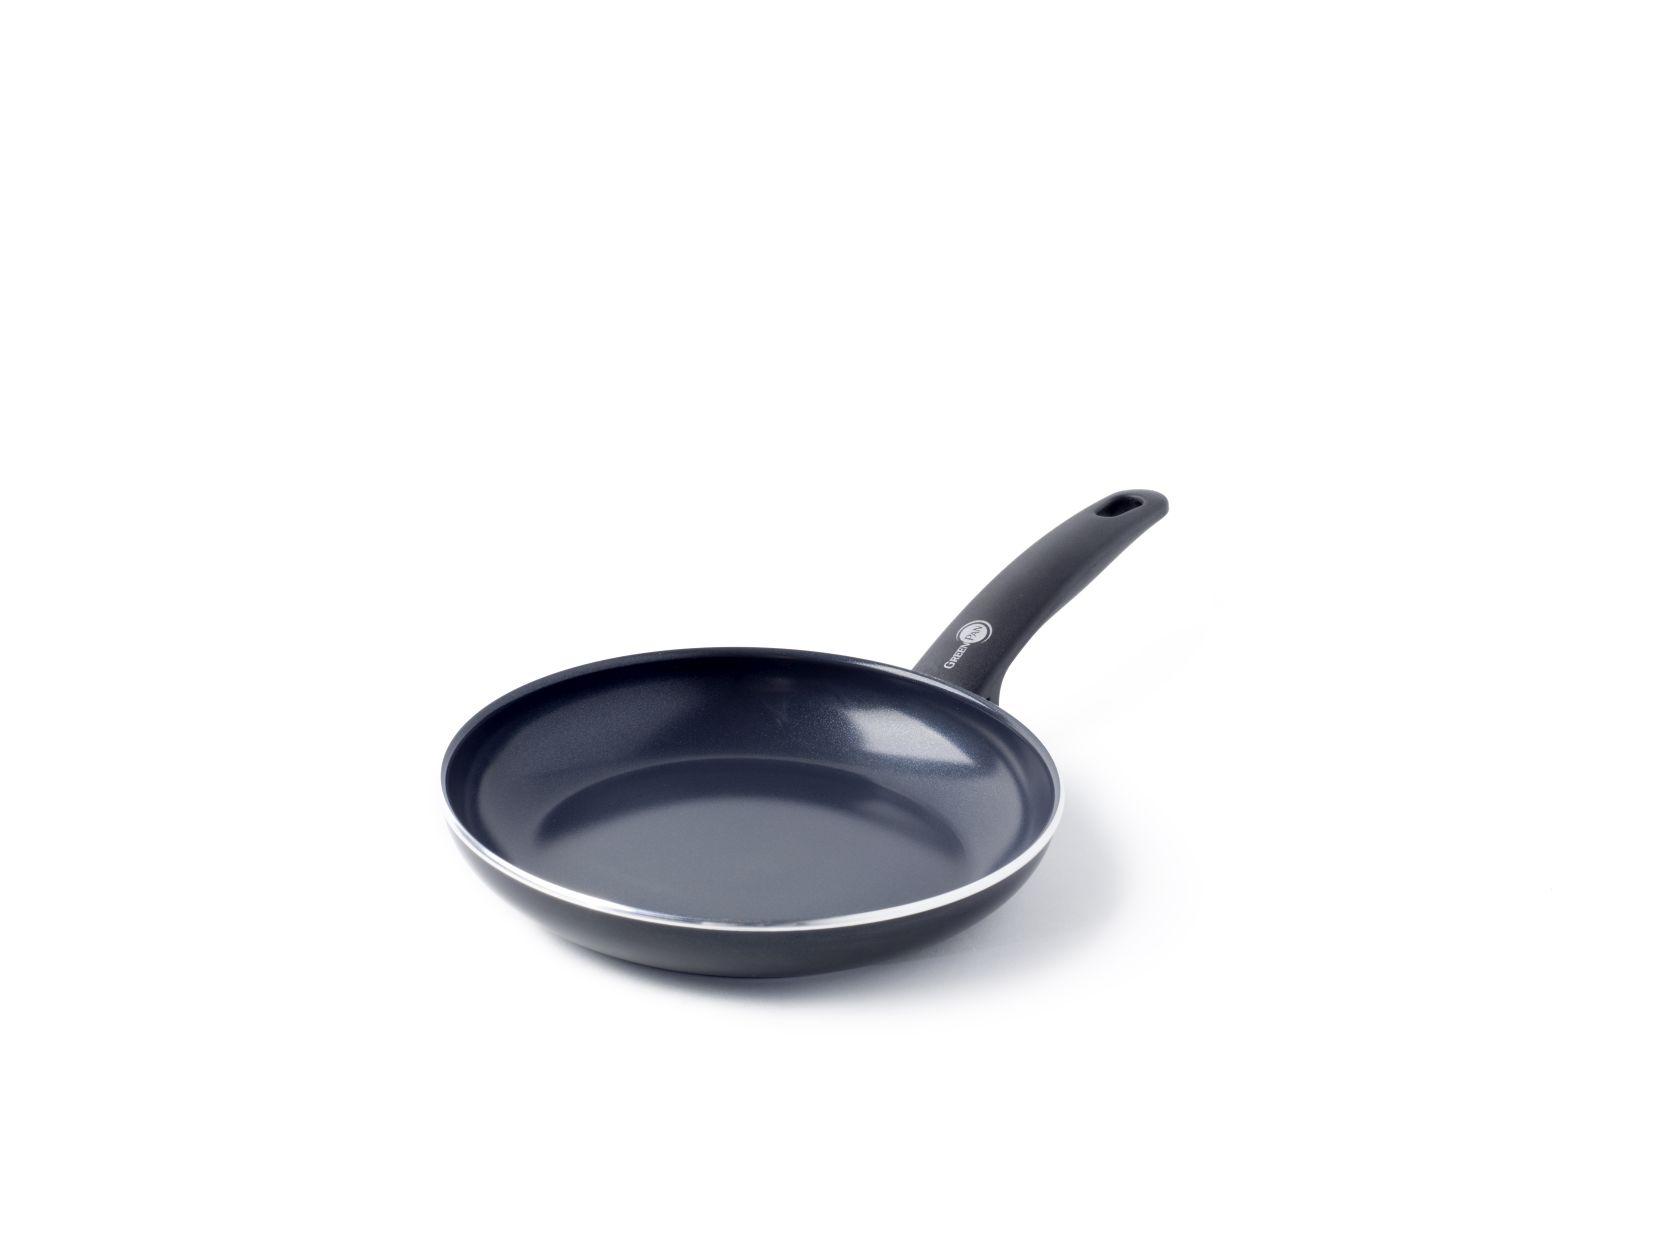 Pánev Cambridge Black 20 cm - GreenPan